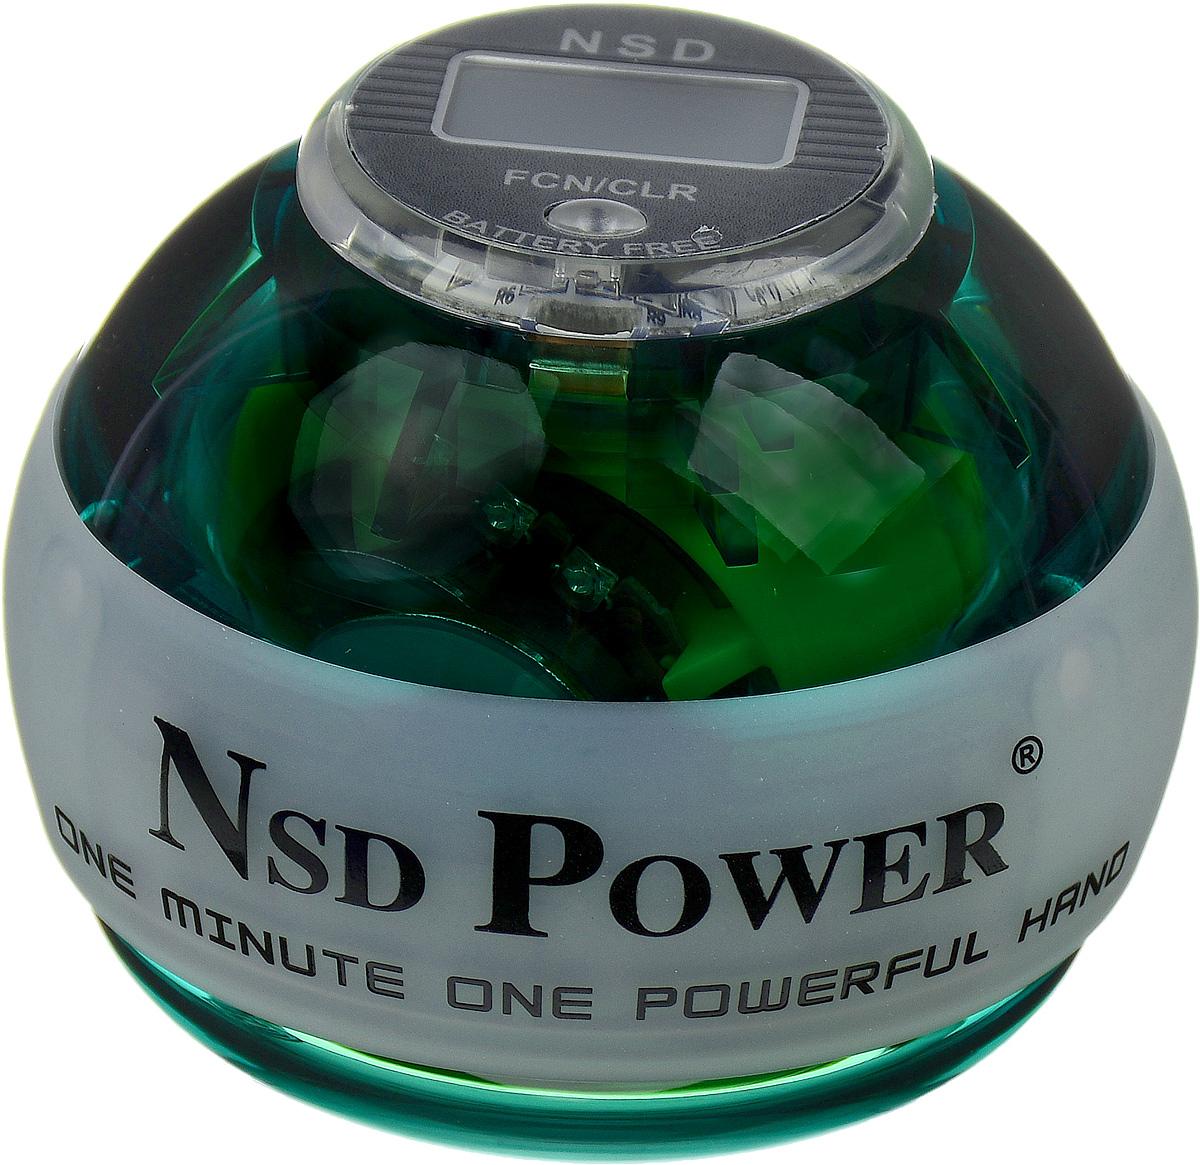 Тренажер кистевой NSD Power Powerball Neon Pro, цвет: зеленыйPB-688LC GreenКистевой тренажер NSD Power Powerball Neon Pro - новая модель c счетчиком и подсветкой. Тренажер изготовлен из более прочного материала с системой защиты ротора, предотвращающей его повреждение при падении шара на твердую поверхность. Он будет служить вам очень долгое время. Также в эту модель внедрена система сменных колец для быстрого ремонта при повреждении. Новый счетчик со встроенным генератором работает без батареек. Прекрасно отрегулированный ротор тренажера с отличным балансом может достигать скорости вращения до 15000 оборотов в минуту. В комплект входят инструкция по использованию и два шнурка для раскрутки. Стильный тренажер для кисти рук, который можно использовать в любую свободную минуту. Упражнения, проделываемые регулярно, обеспечат отличную тренировку рук, разработку кисти после травмы у спортсменов и не только. Размер тренажера: 7 х 8 см.